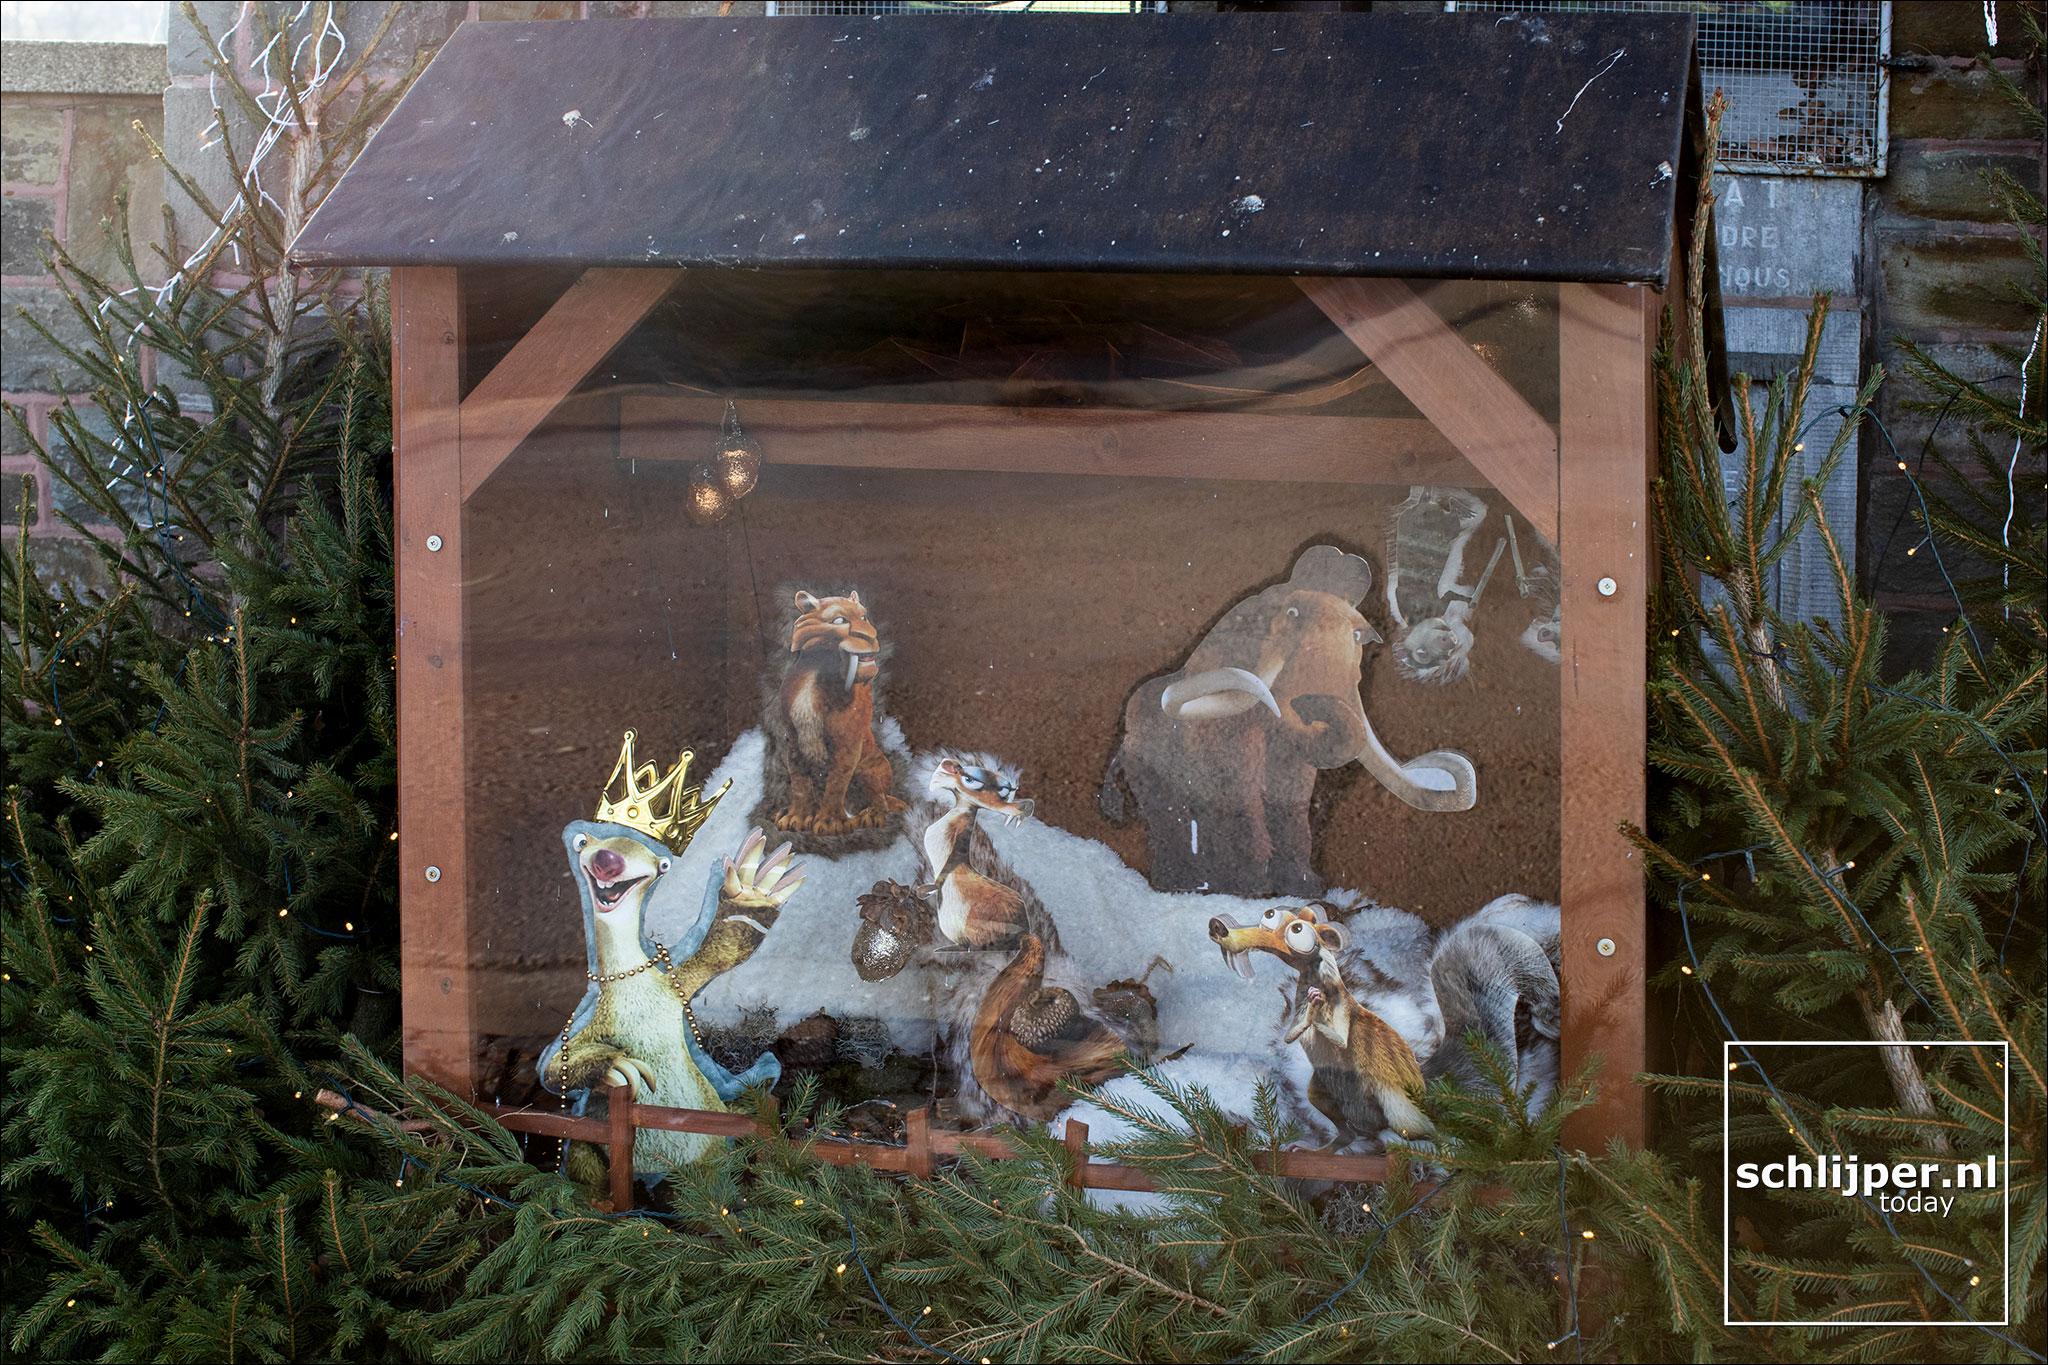 Belgie, Herve, 26 december 2018